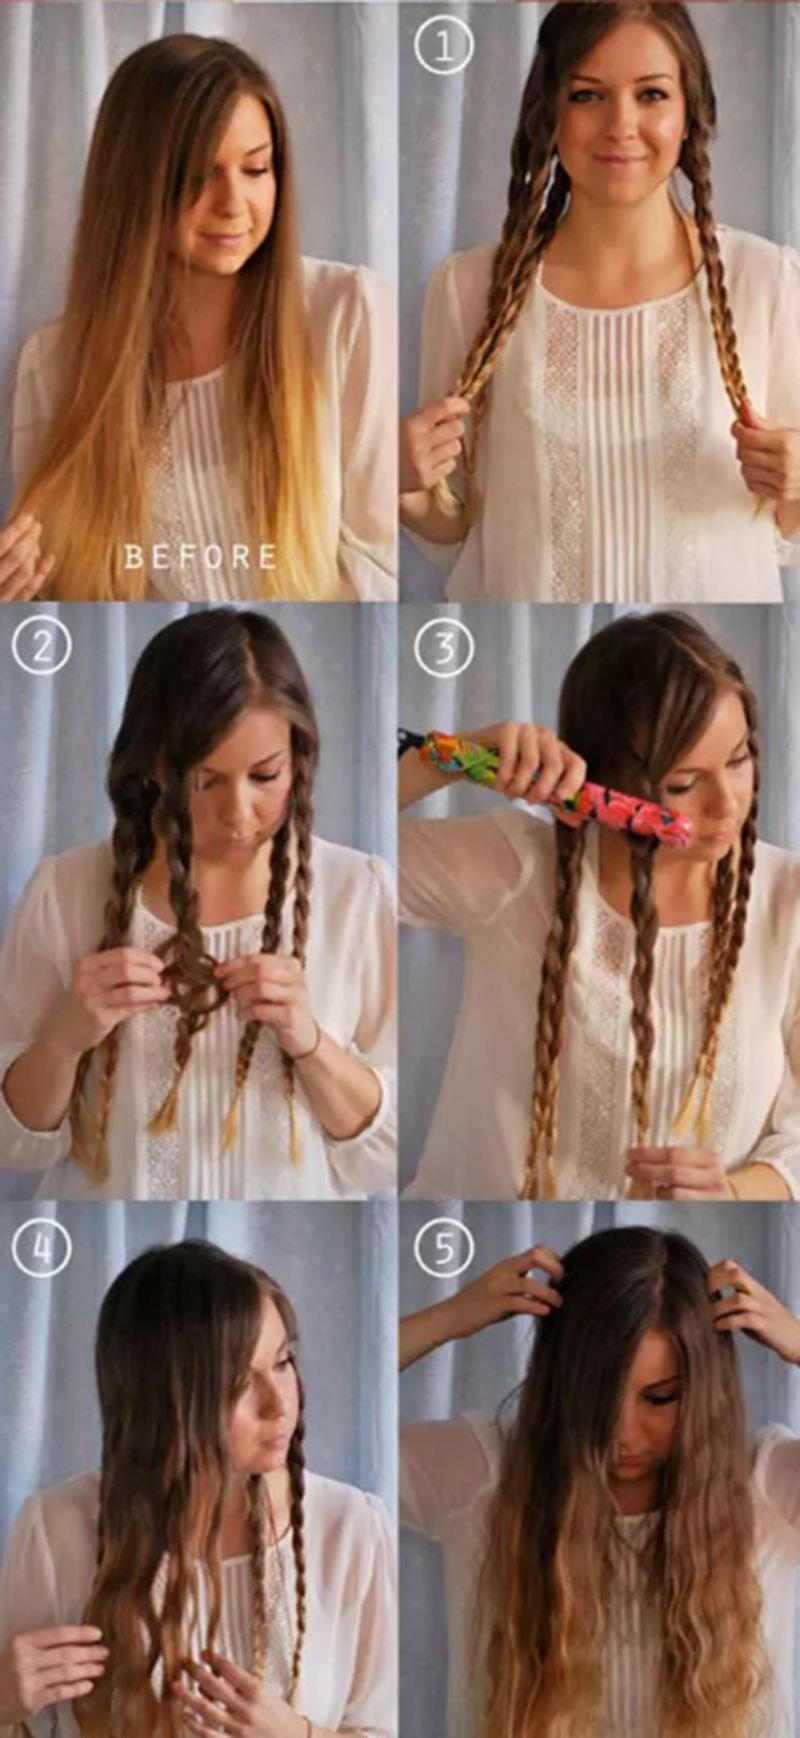 Thực hiện duỗi thẳng các bím tóc đã tết